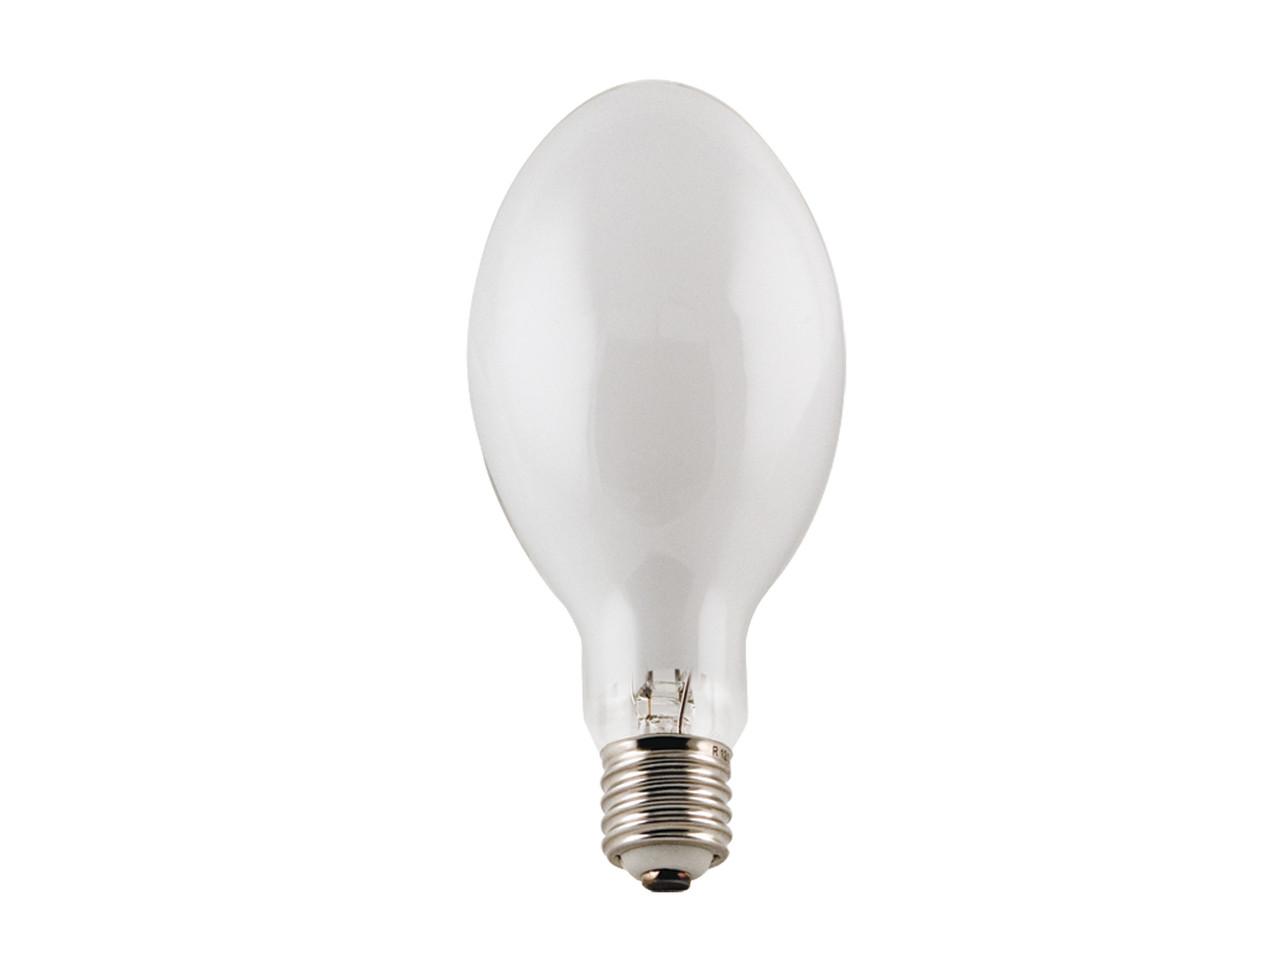 High Bay Mercury Vapor Light Fixture with 400 Watt Bulb